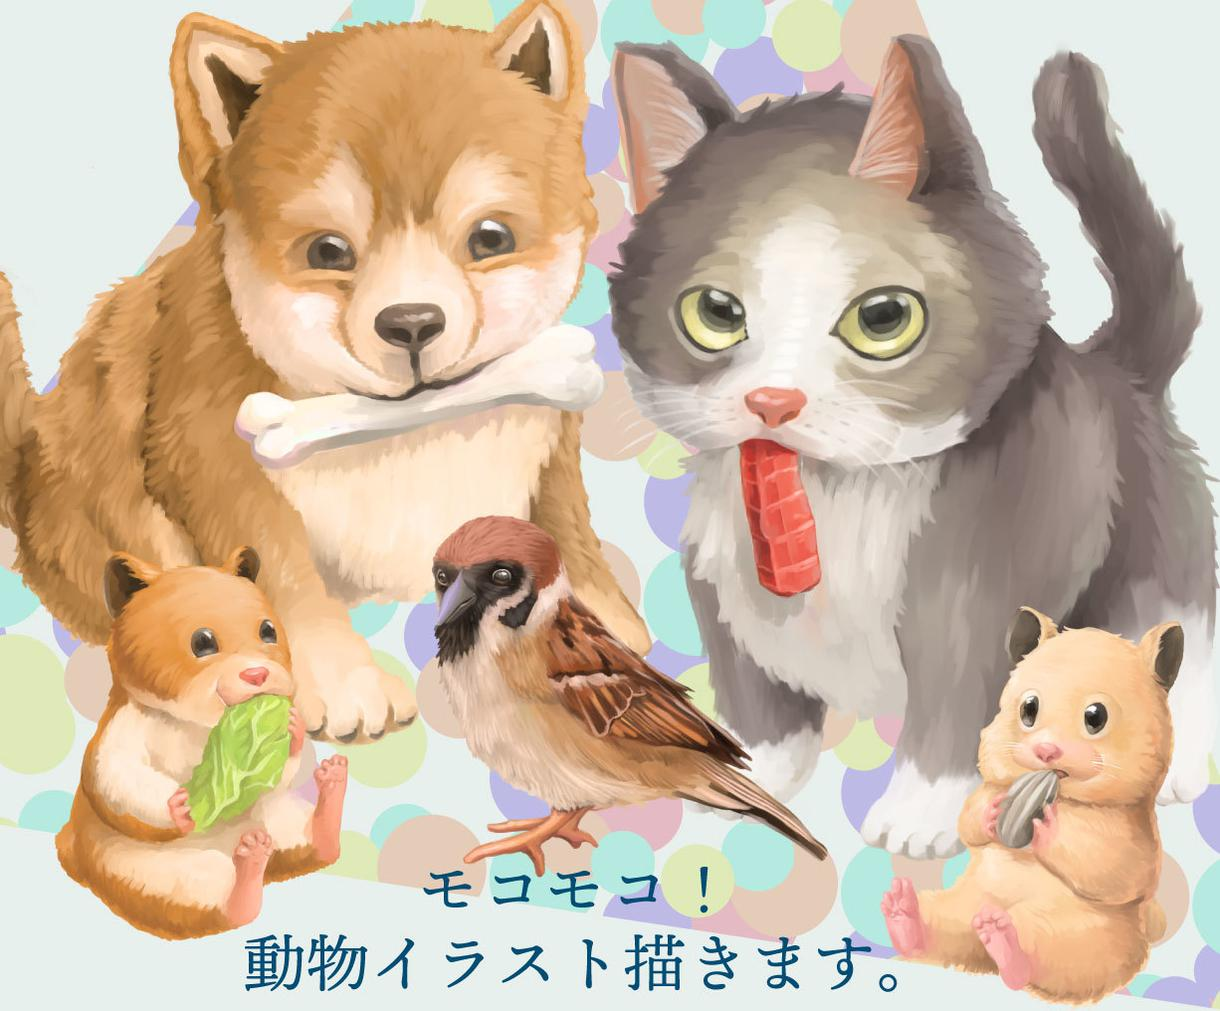 商用OK!モコモコなかわいい動物イラストを描きます 大切な方への贈り物やSNSのアイコン、幅広くお使い下さい! イメージ1